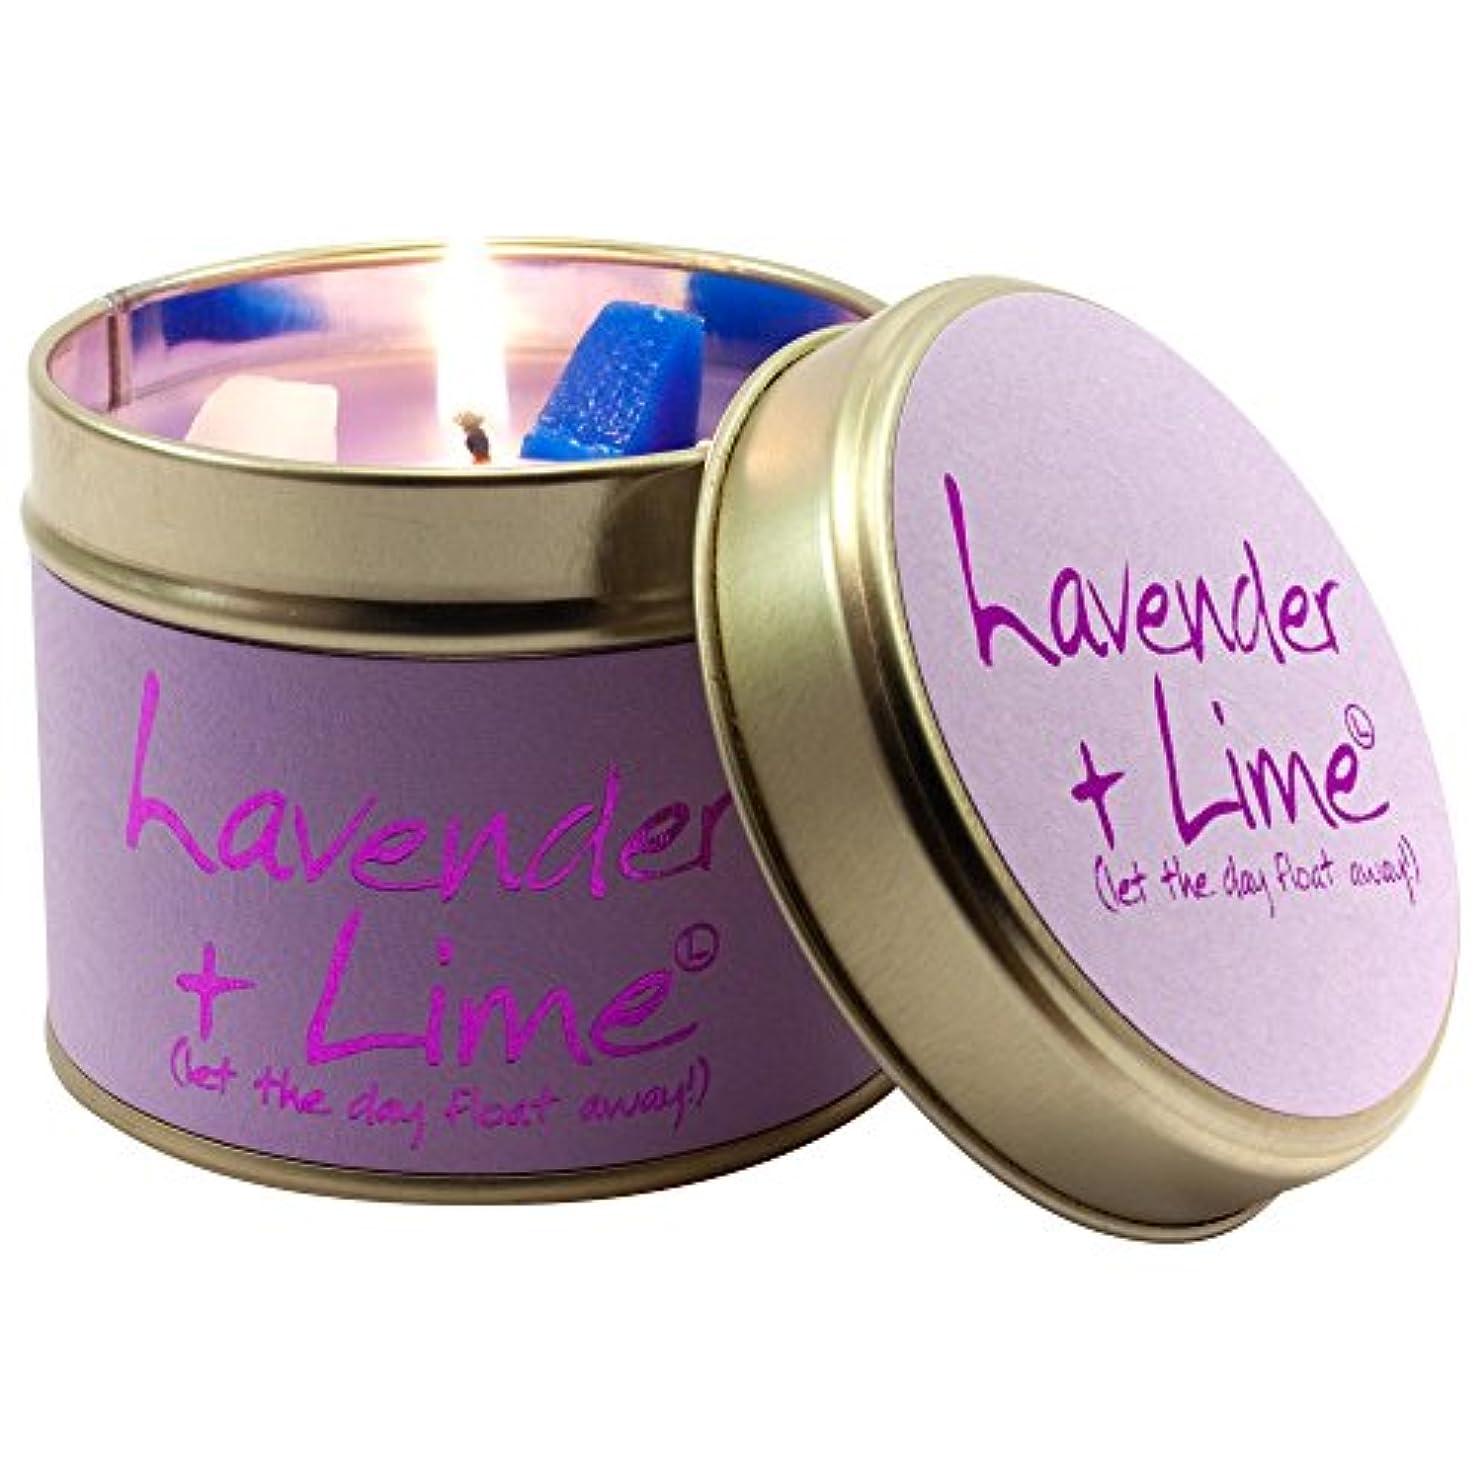 安心建築発生ユリ炎ラベンダー、ライムの香りのキャンドルジャー (Lily-Flame) - Lily-Flame Lavender and Lime Scented Candle Jar [並行輸入品]